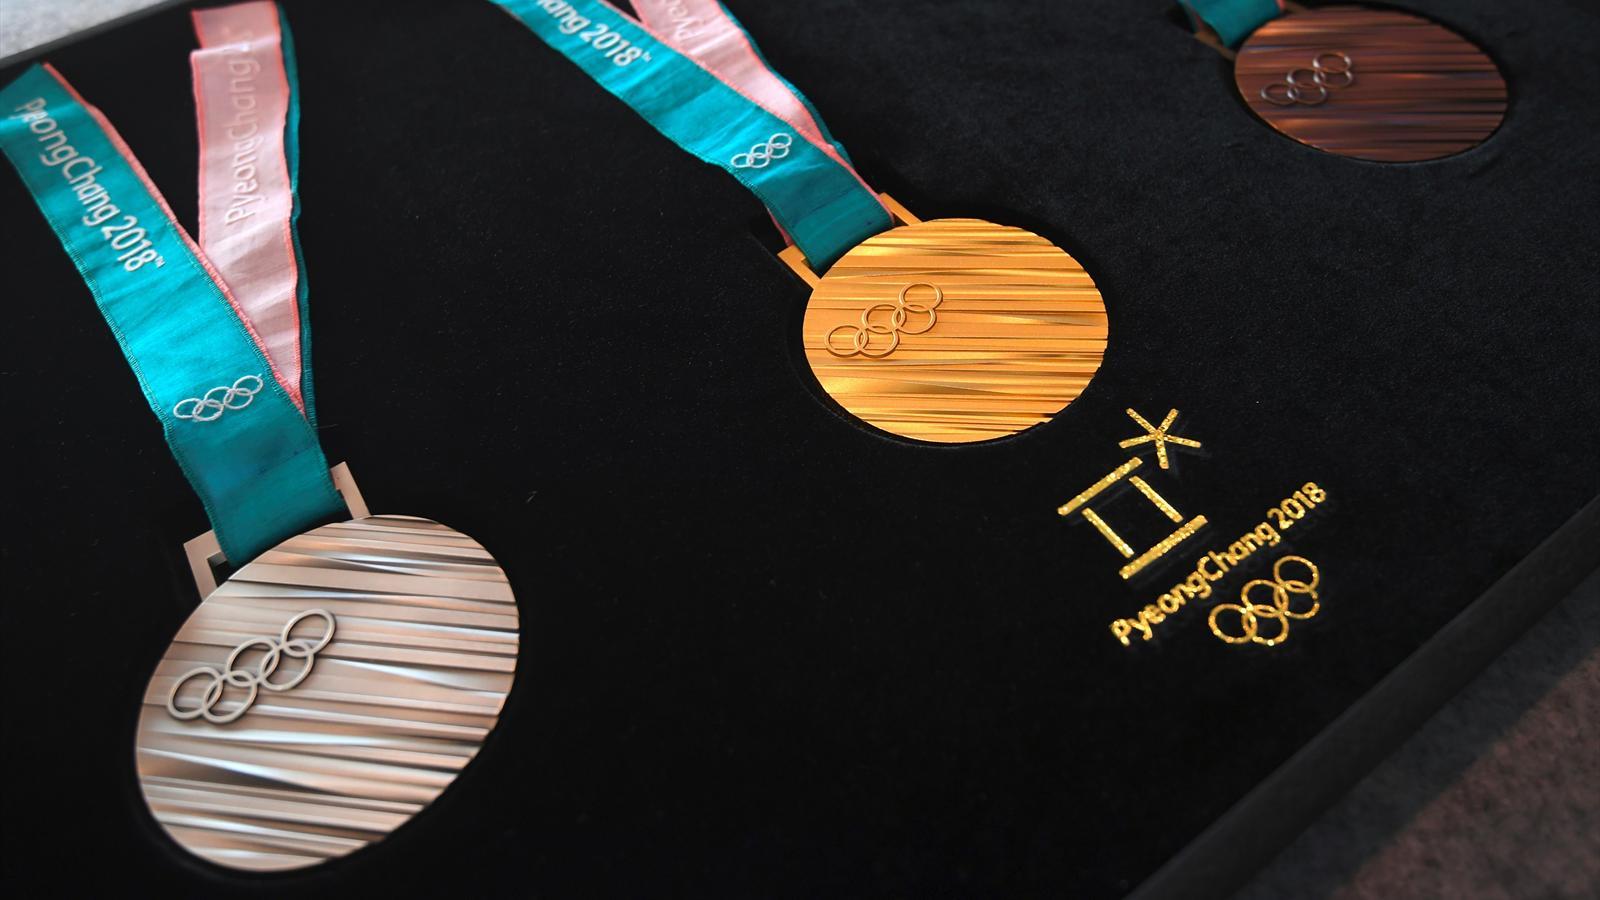 pyeongchang 2018  dates  sports  venues  live tv details